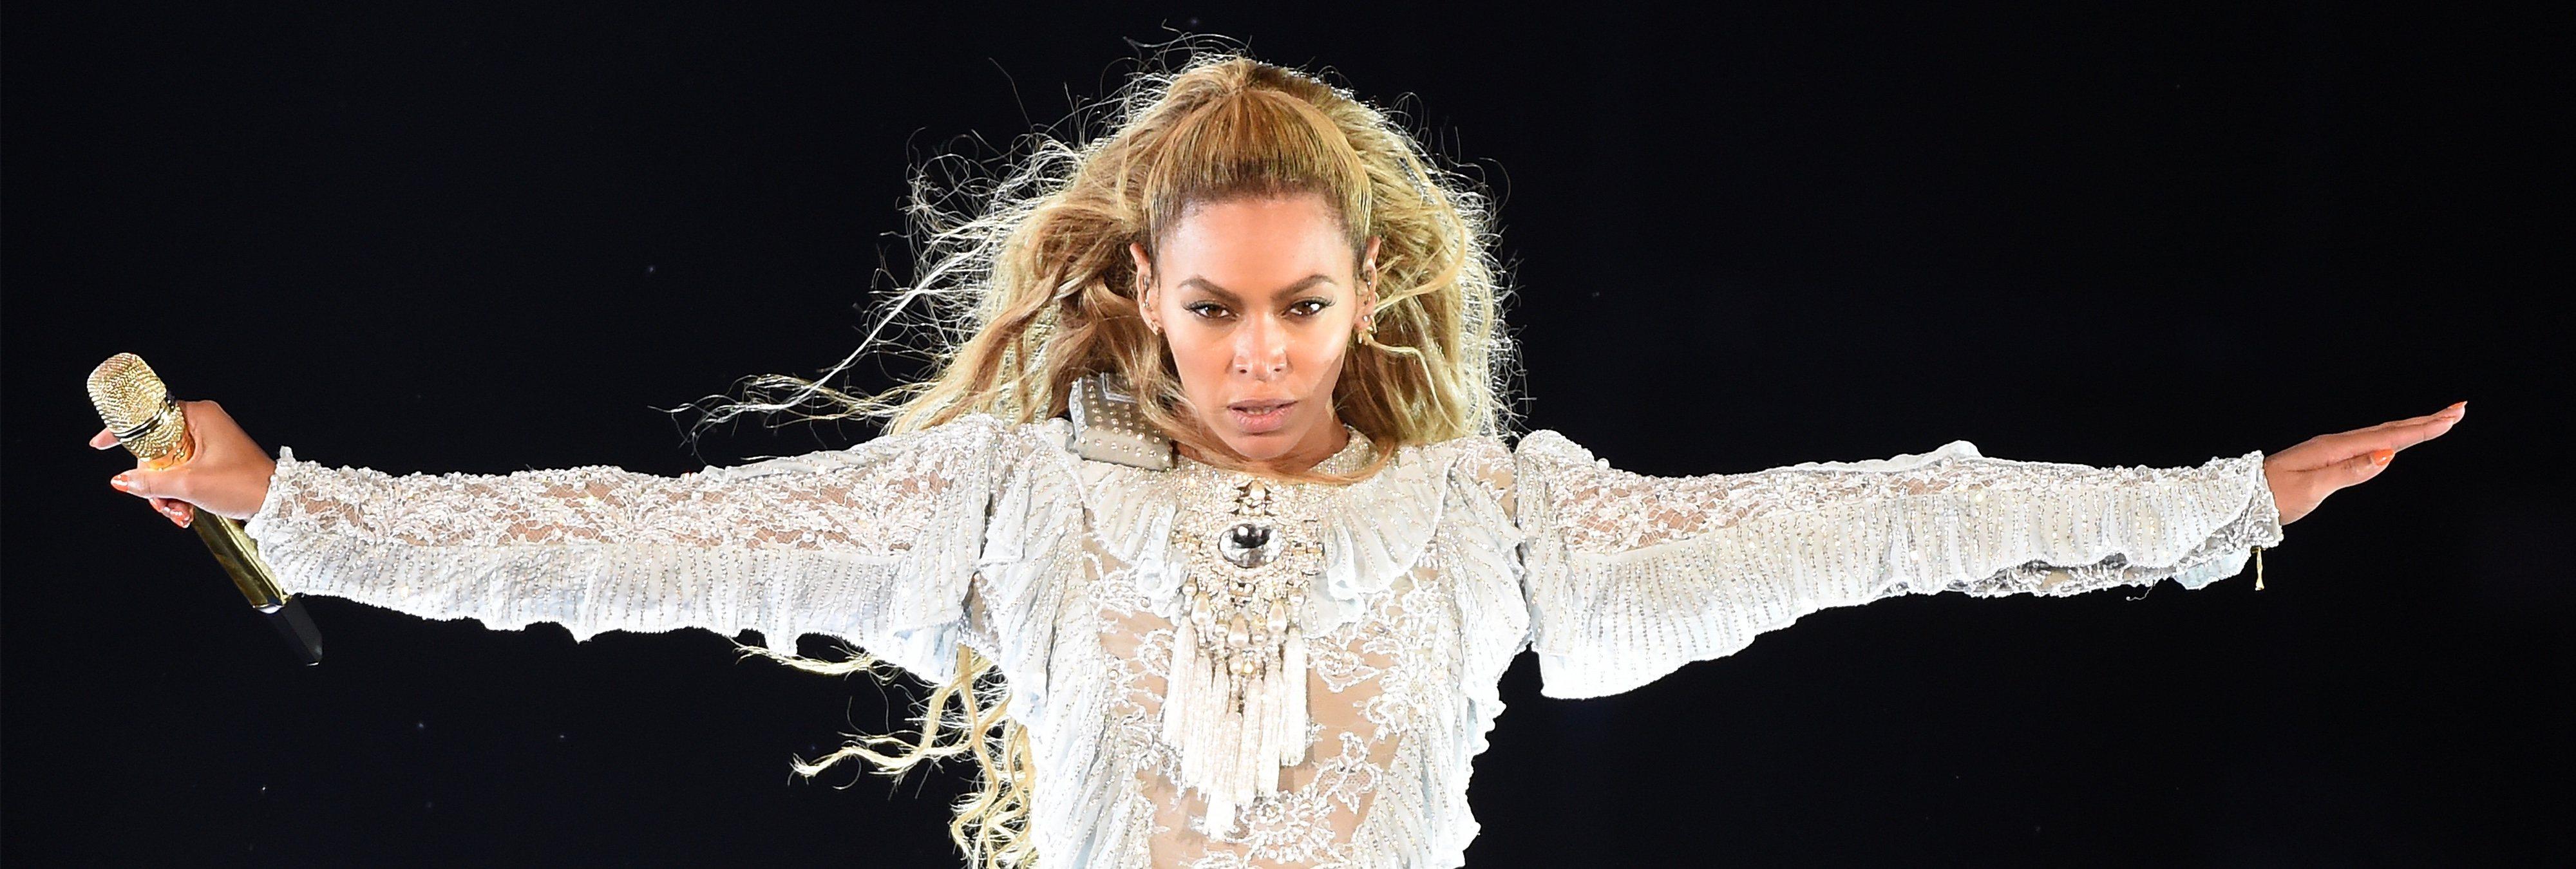 """Una mujer denuncia a Beyoncé por usar """"brujería extrema"""" contra ella"""